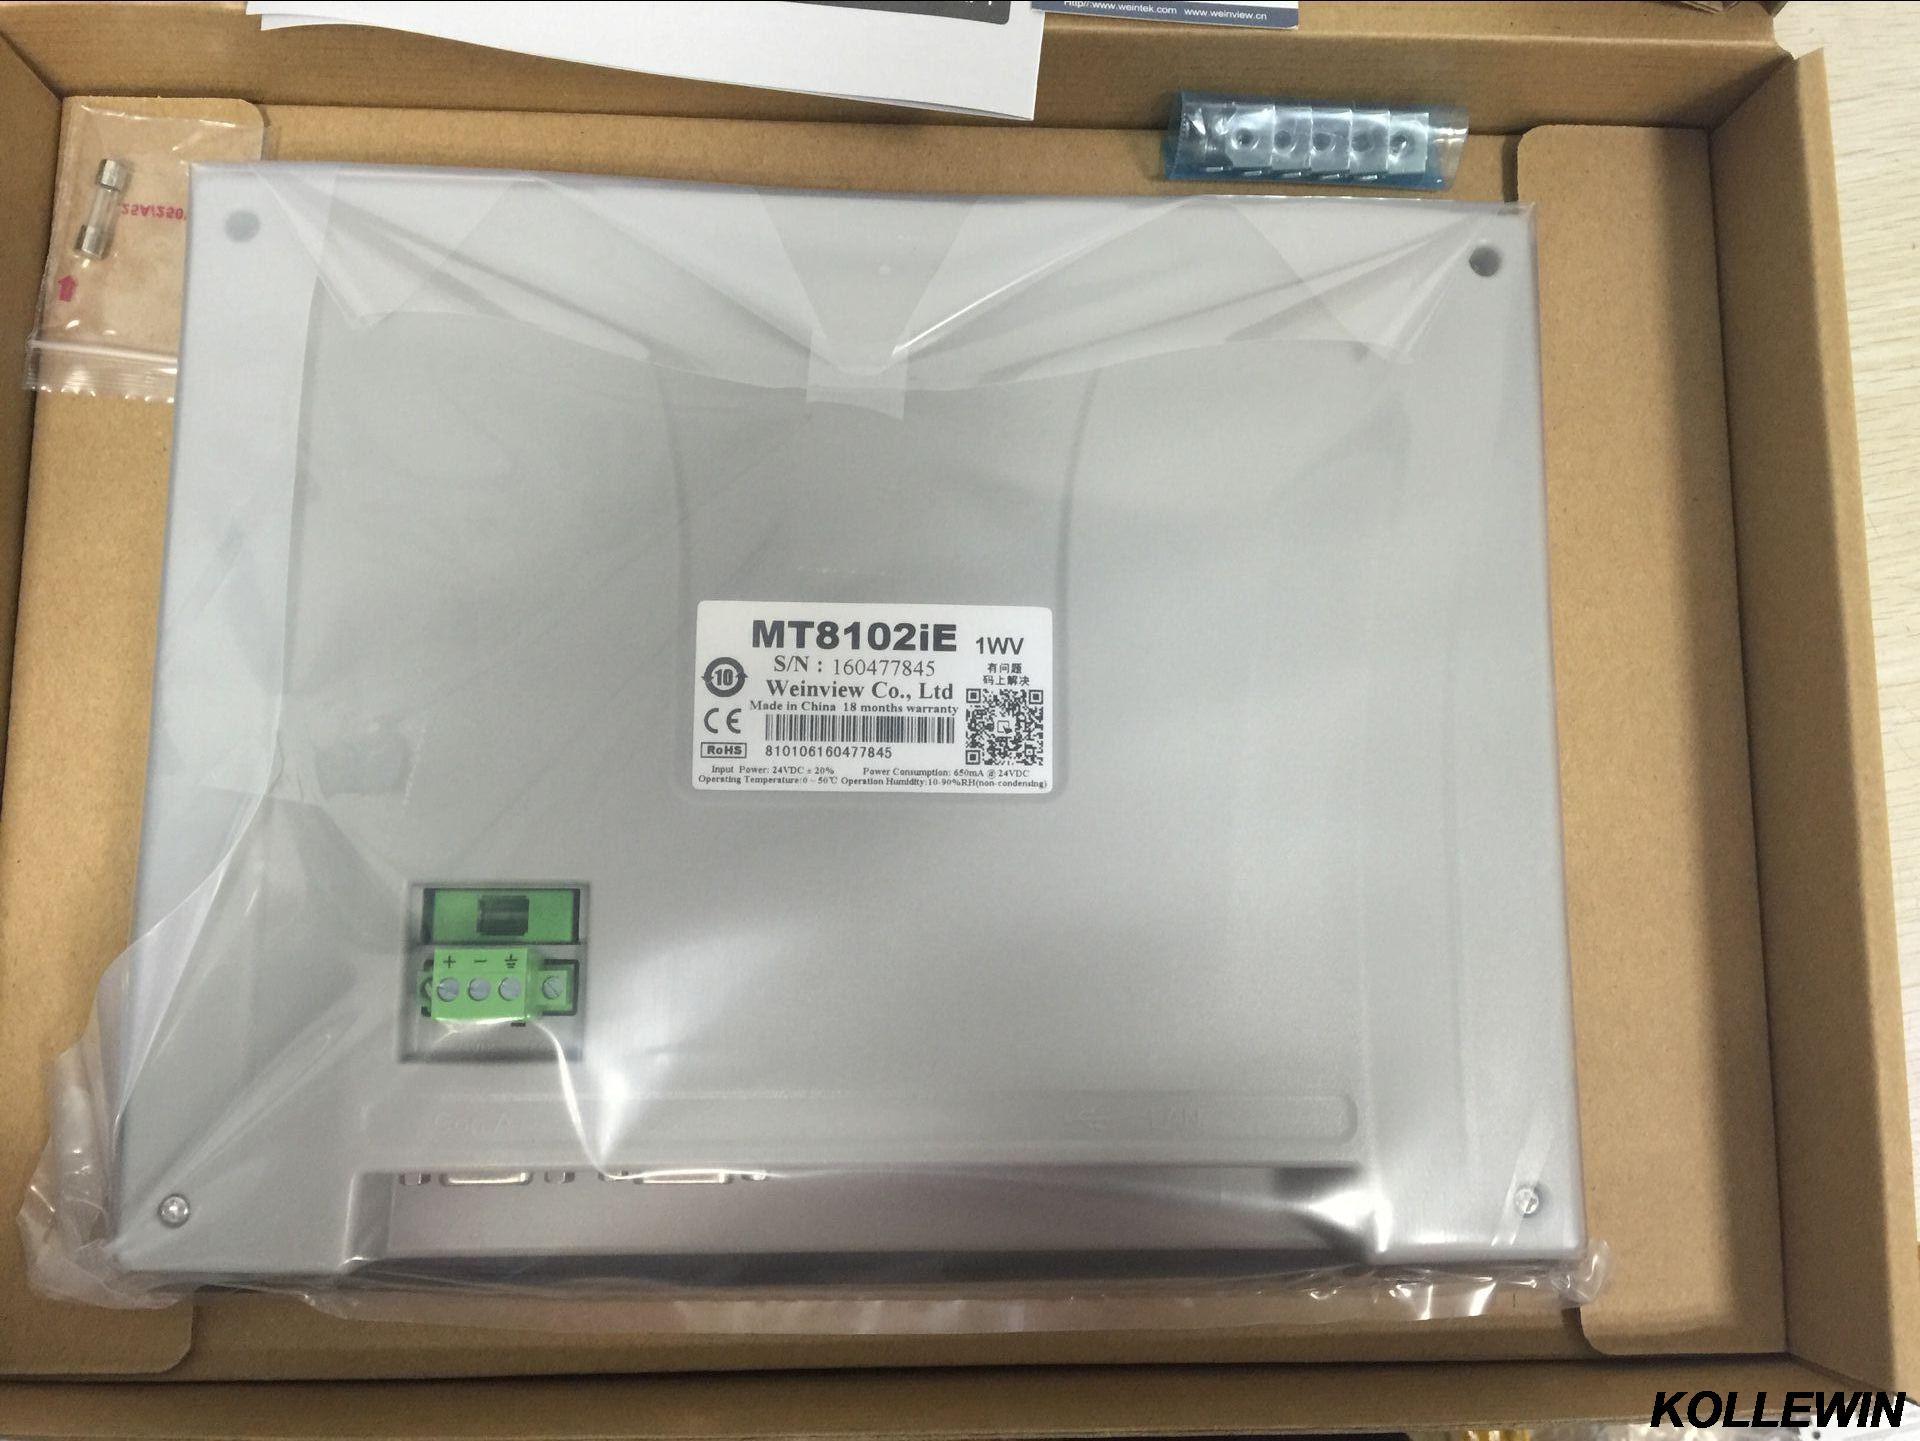 MT8102iE New original Weintek Weinview HMI 10.1 pouces Écran Tactile 1024x600 Ethernet remplacer MT8101iE MT8100iE 1 an de garantie